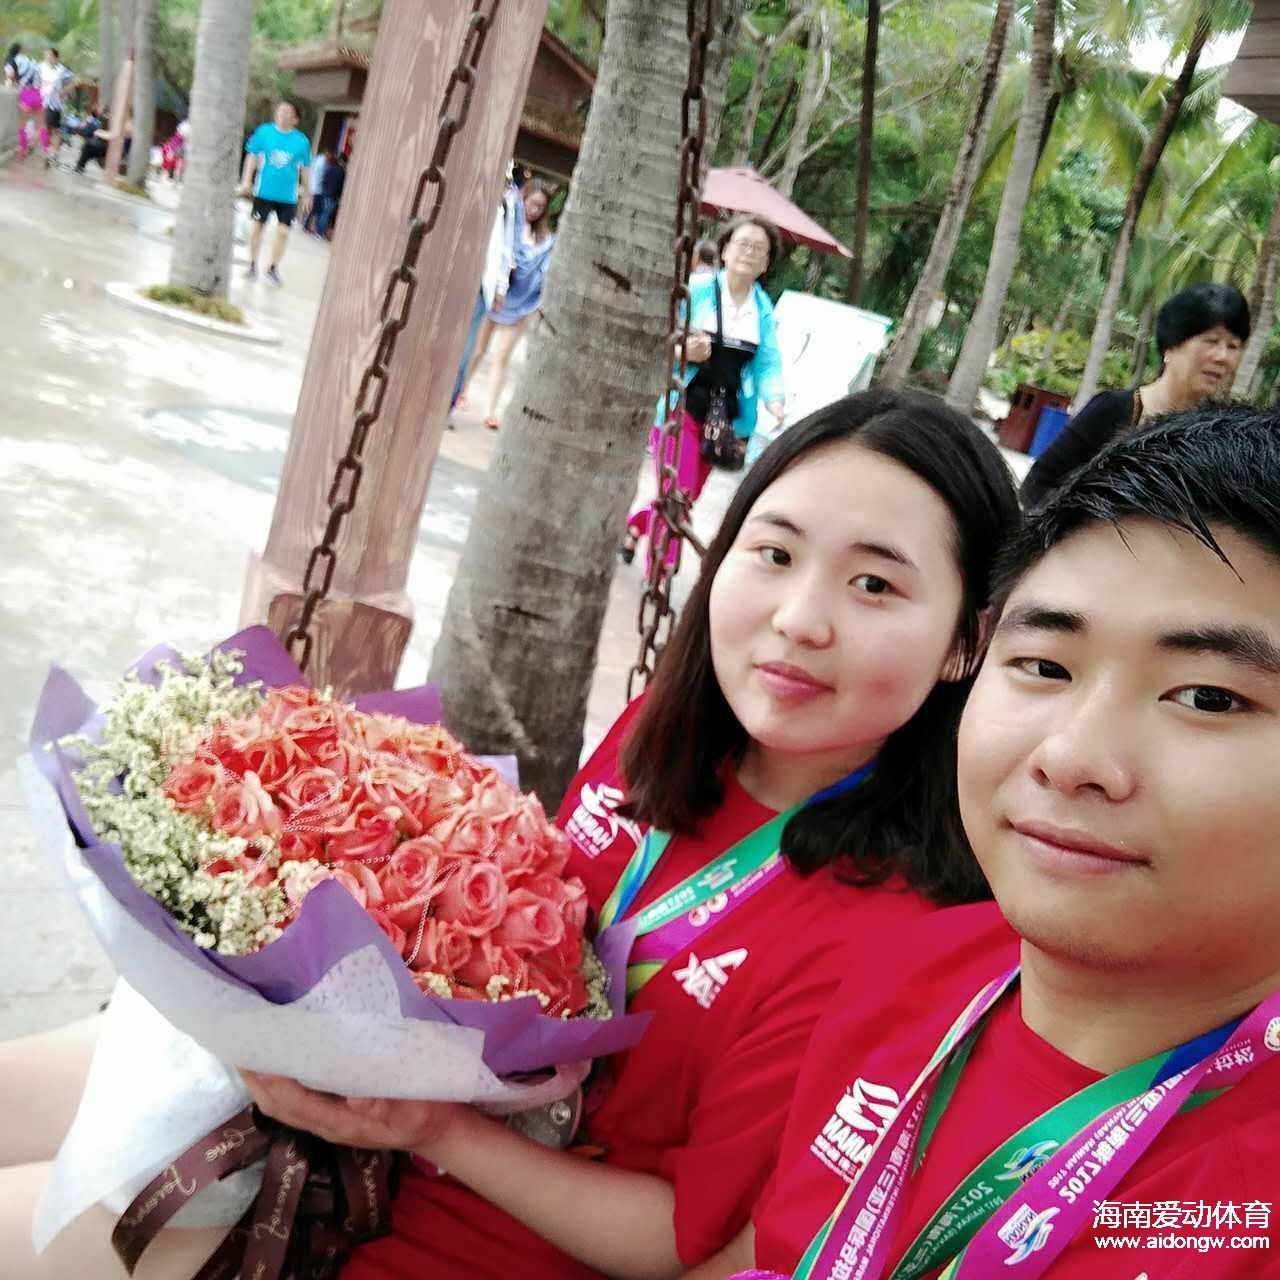 爱情+友情+温情 海南(三亚)国际马拉松跑友暖人心